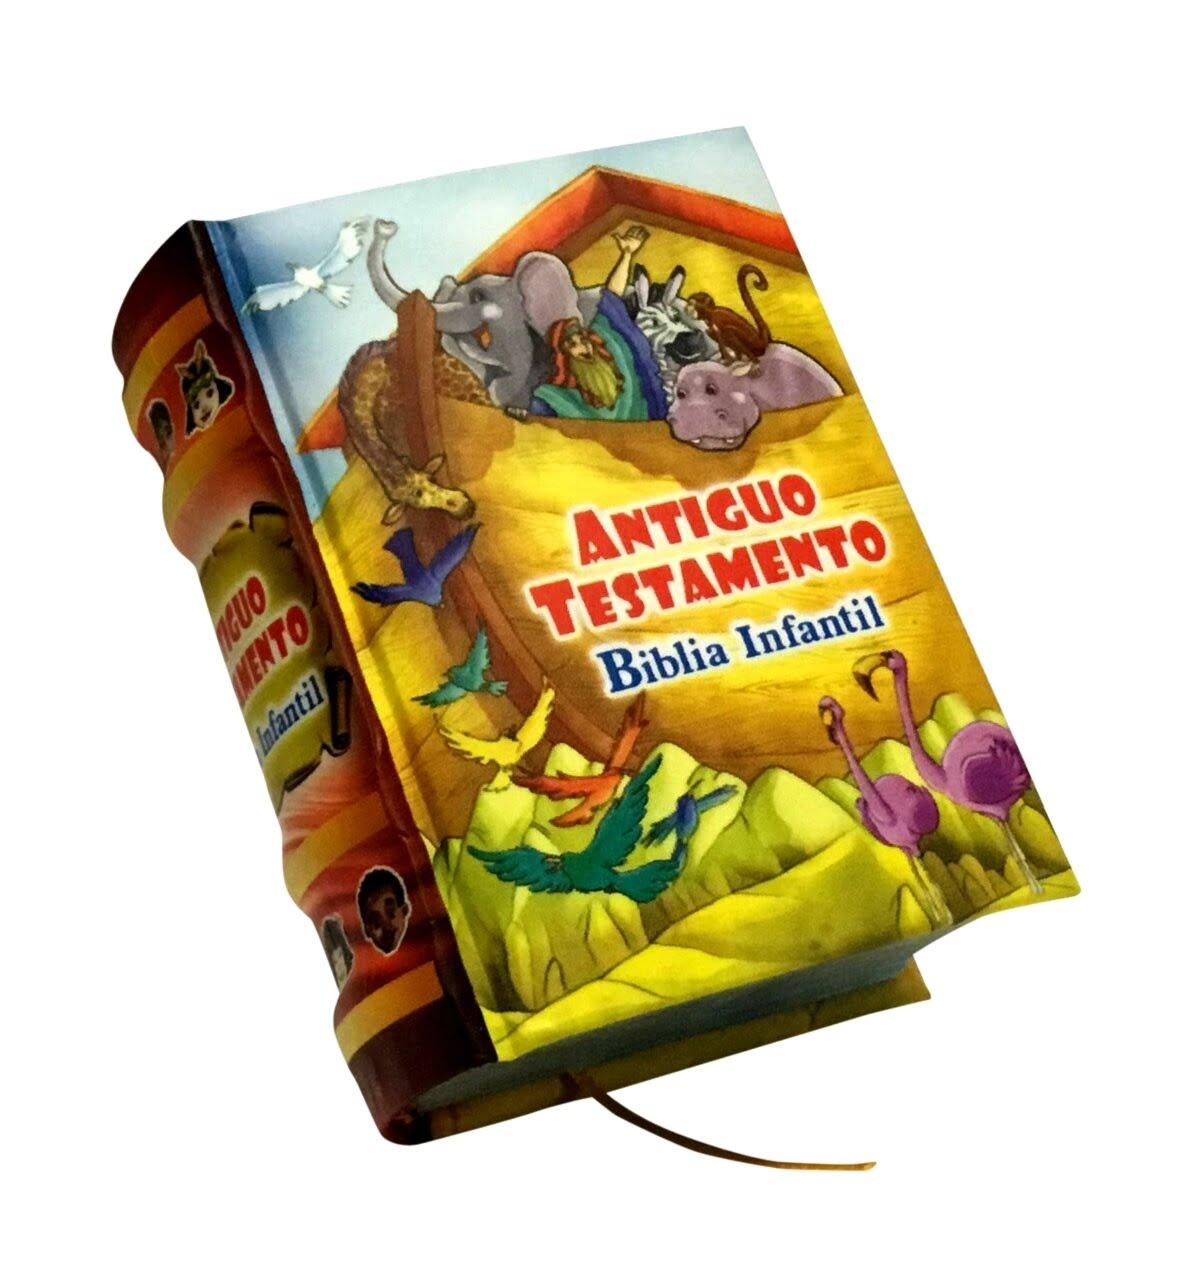 Antiguo_Testamento-miniature-book-libro